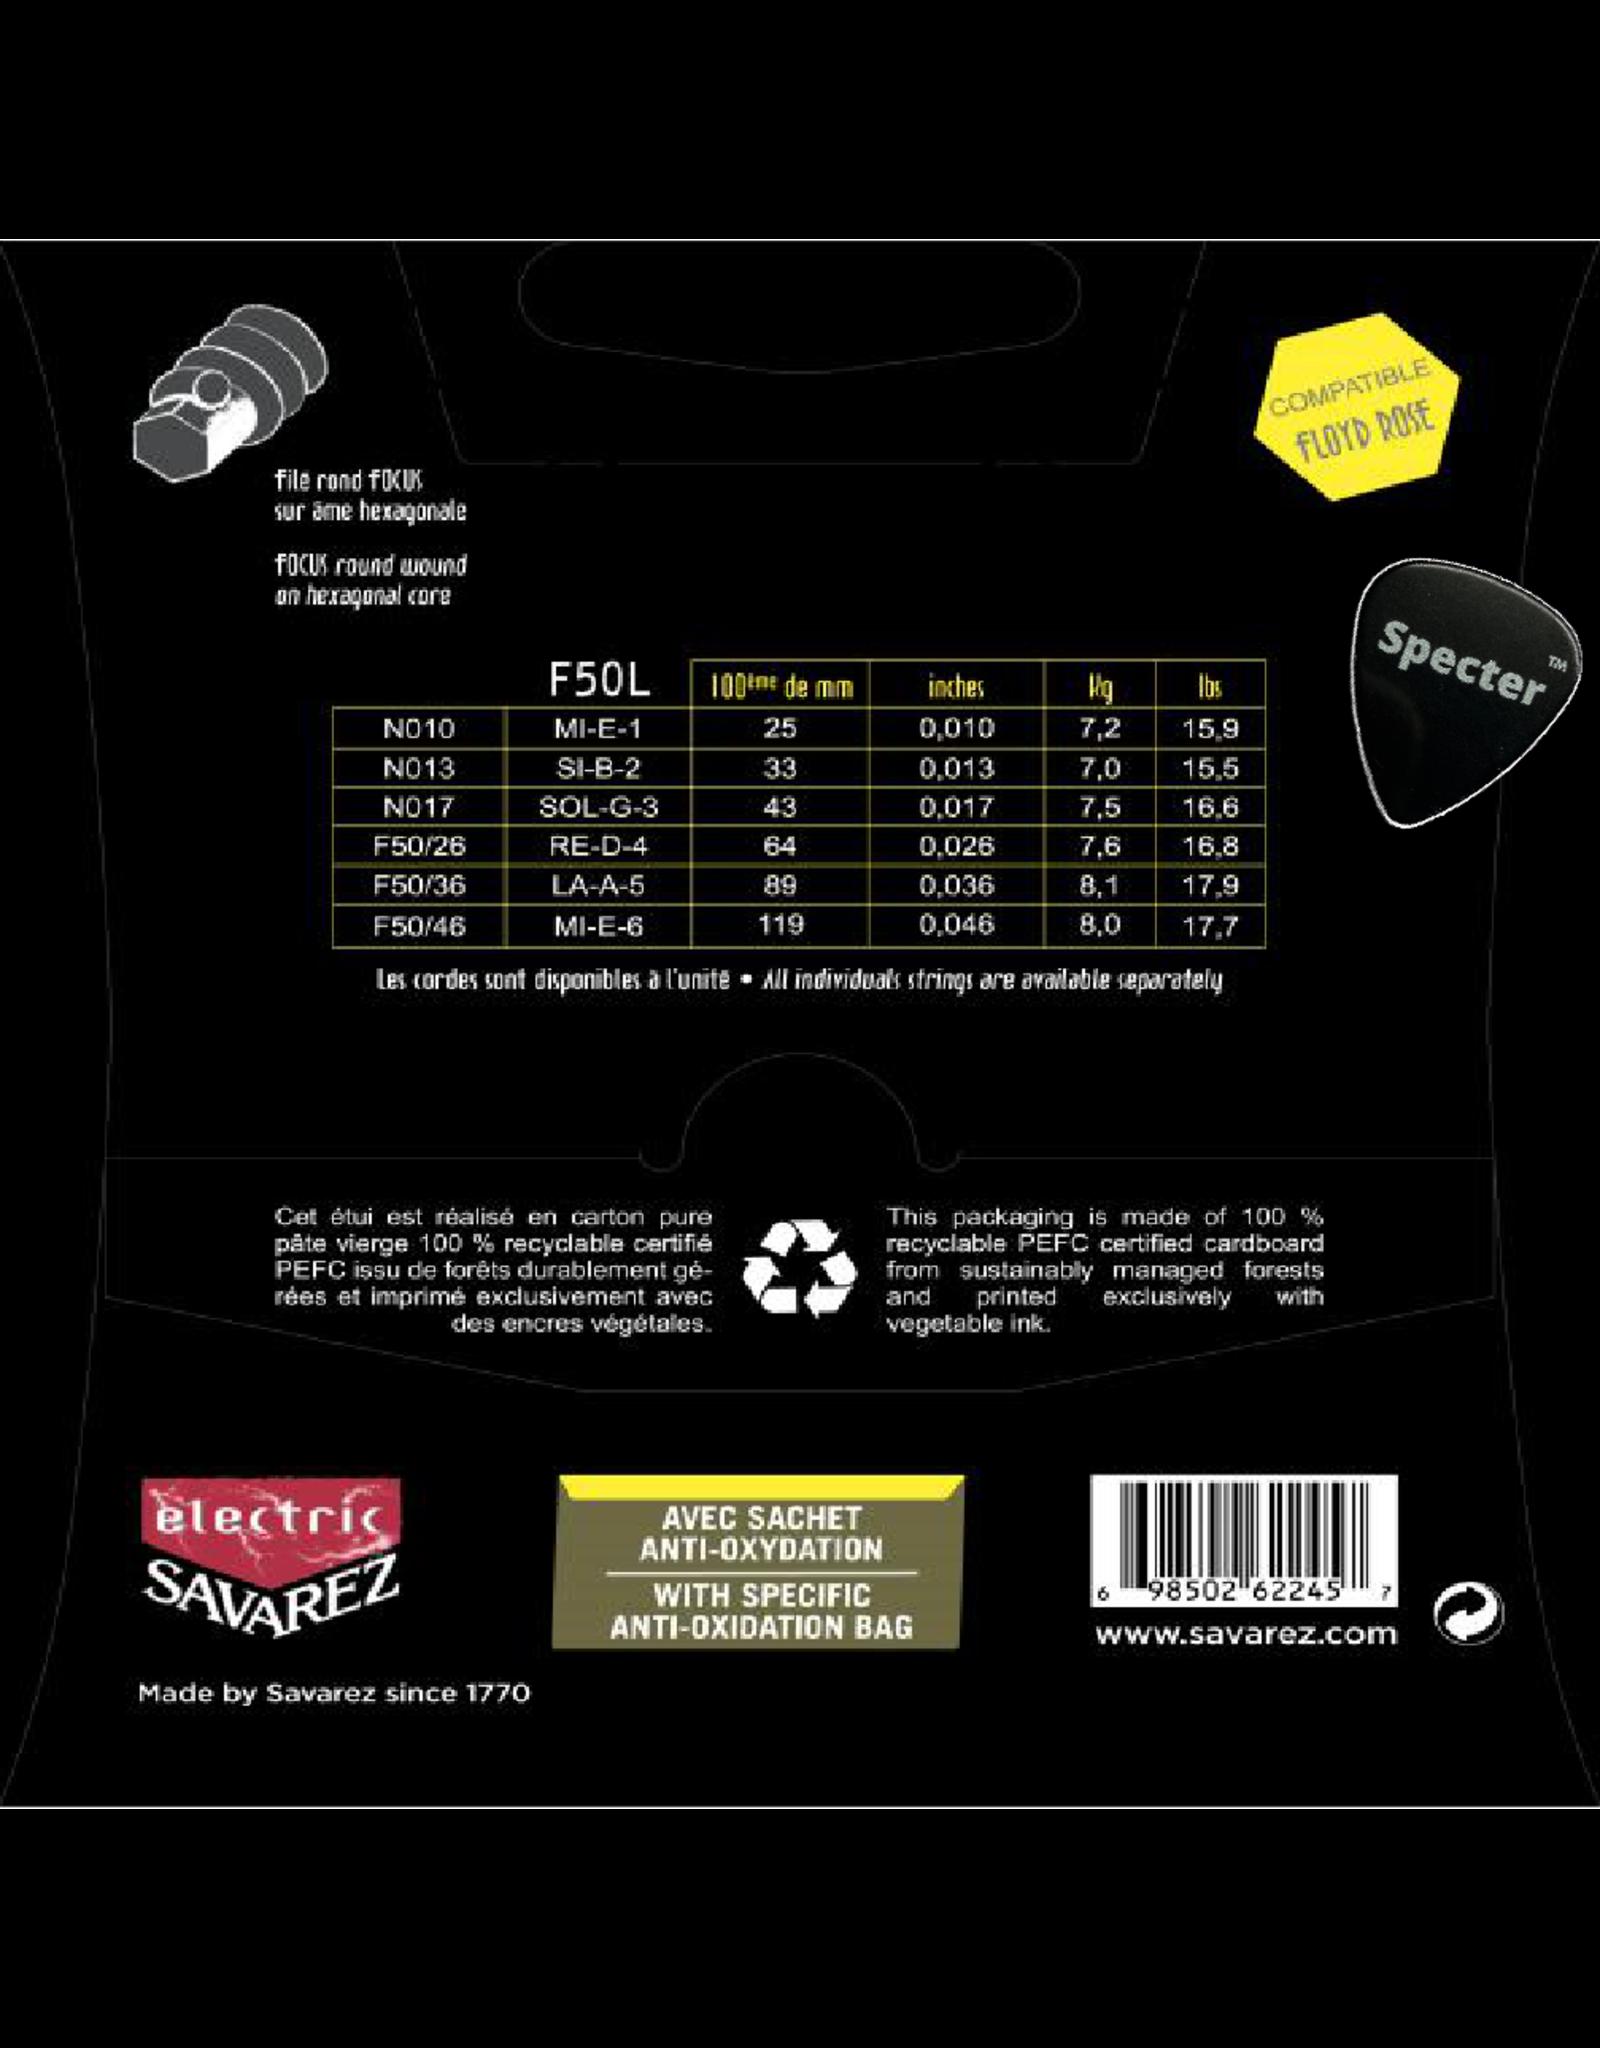 Savarez Savarez F50L Focus Premium Gitaarsnaren Voor De Elektrische Gitaar Met Specter Plectrum | Snarenset | Elektrisch | Stalen Snaren